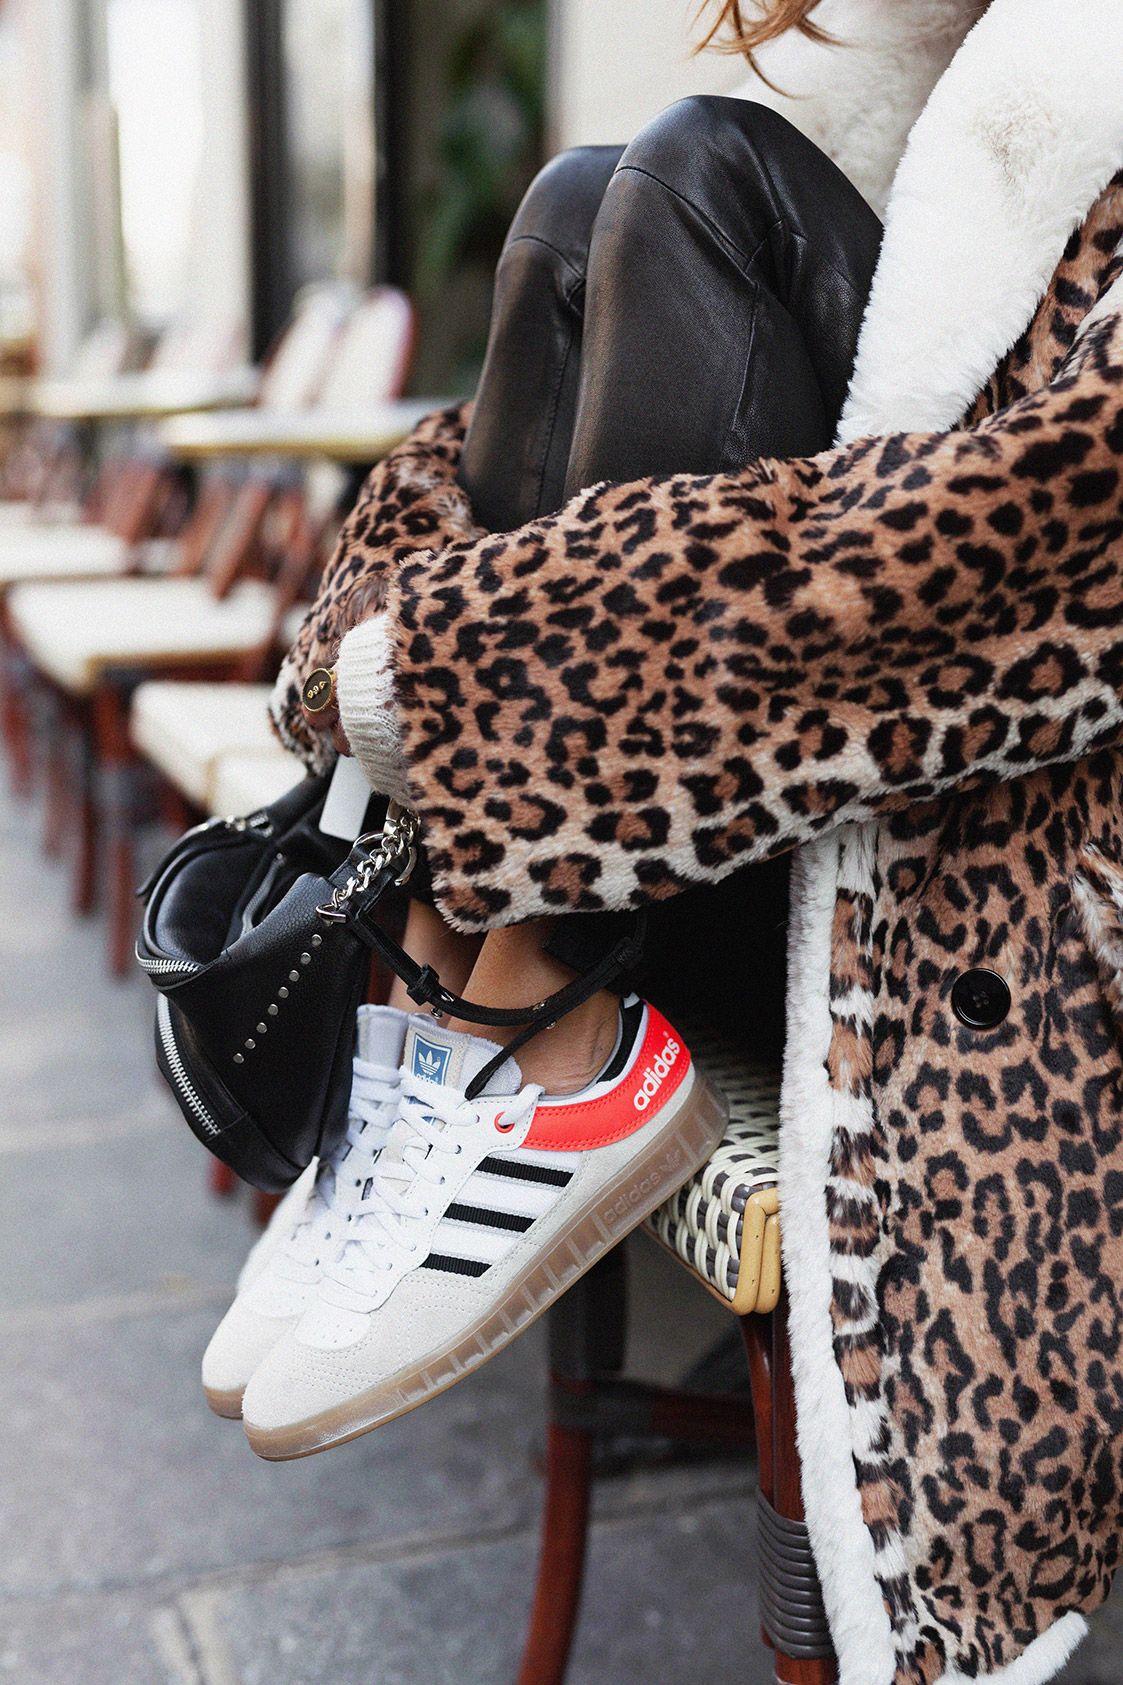 femme pour blog adidas femme adidas blog chaussures chaussures pour 5AjSc34RLq